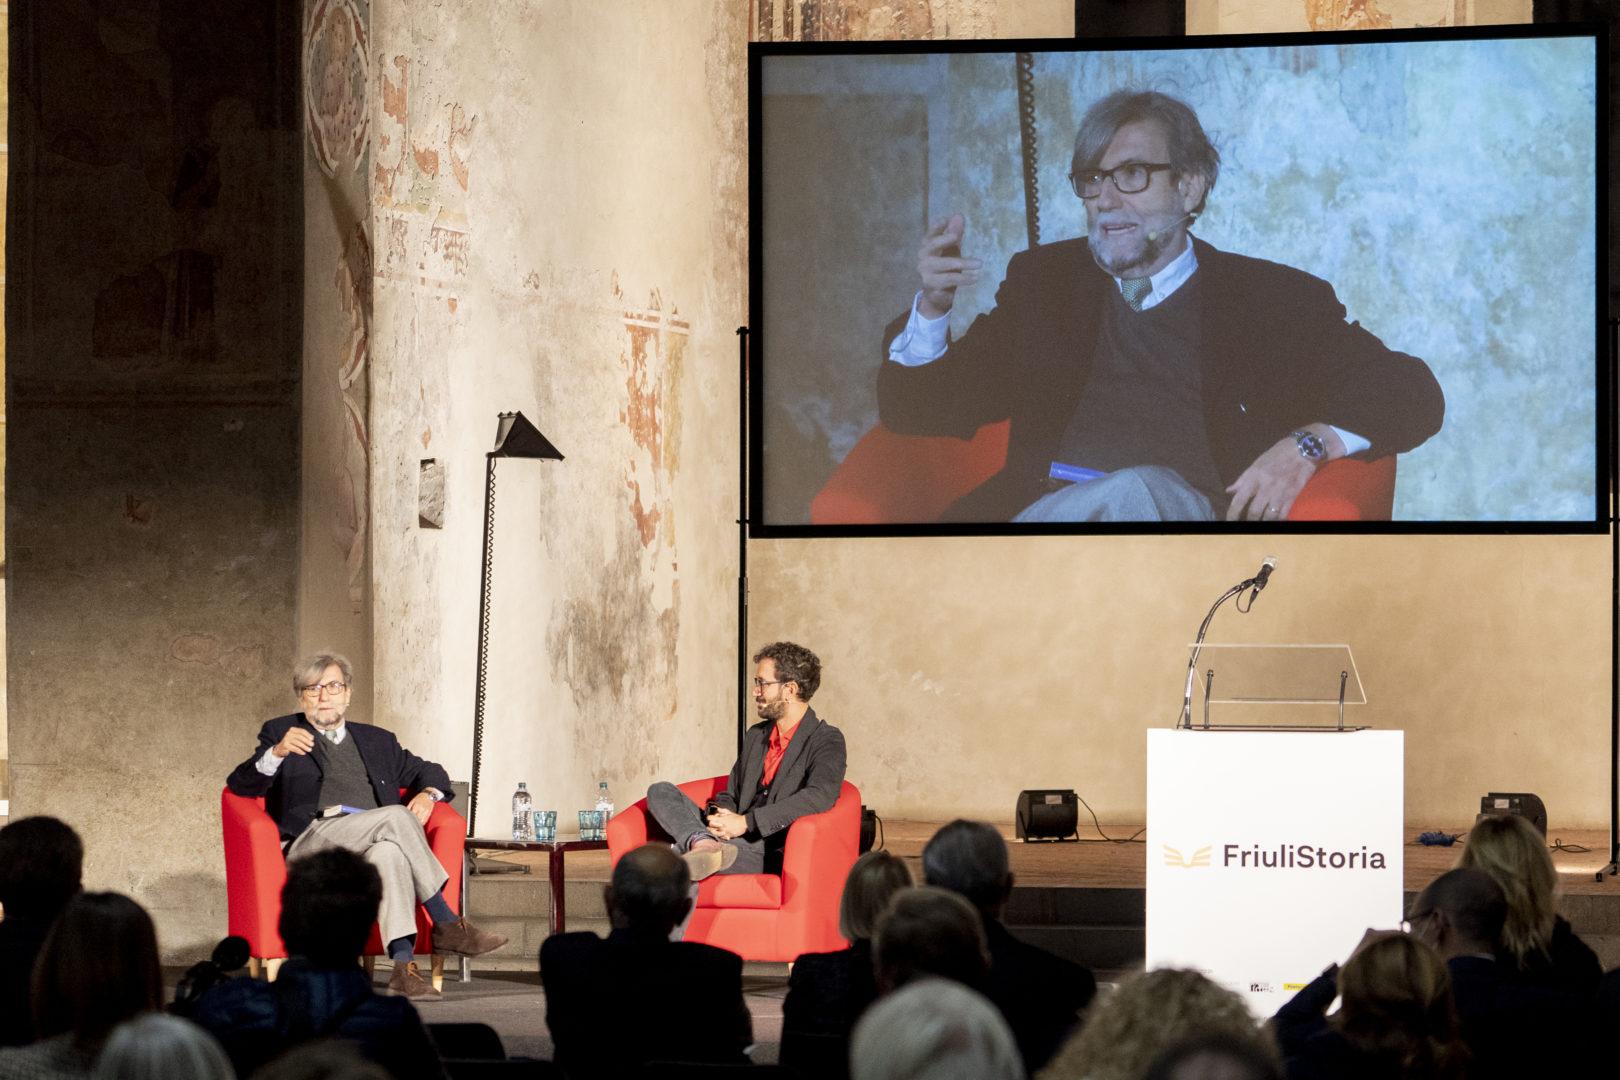 Premio Friuli Storia 2021